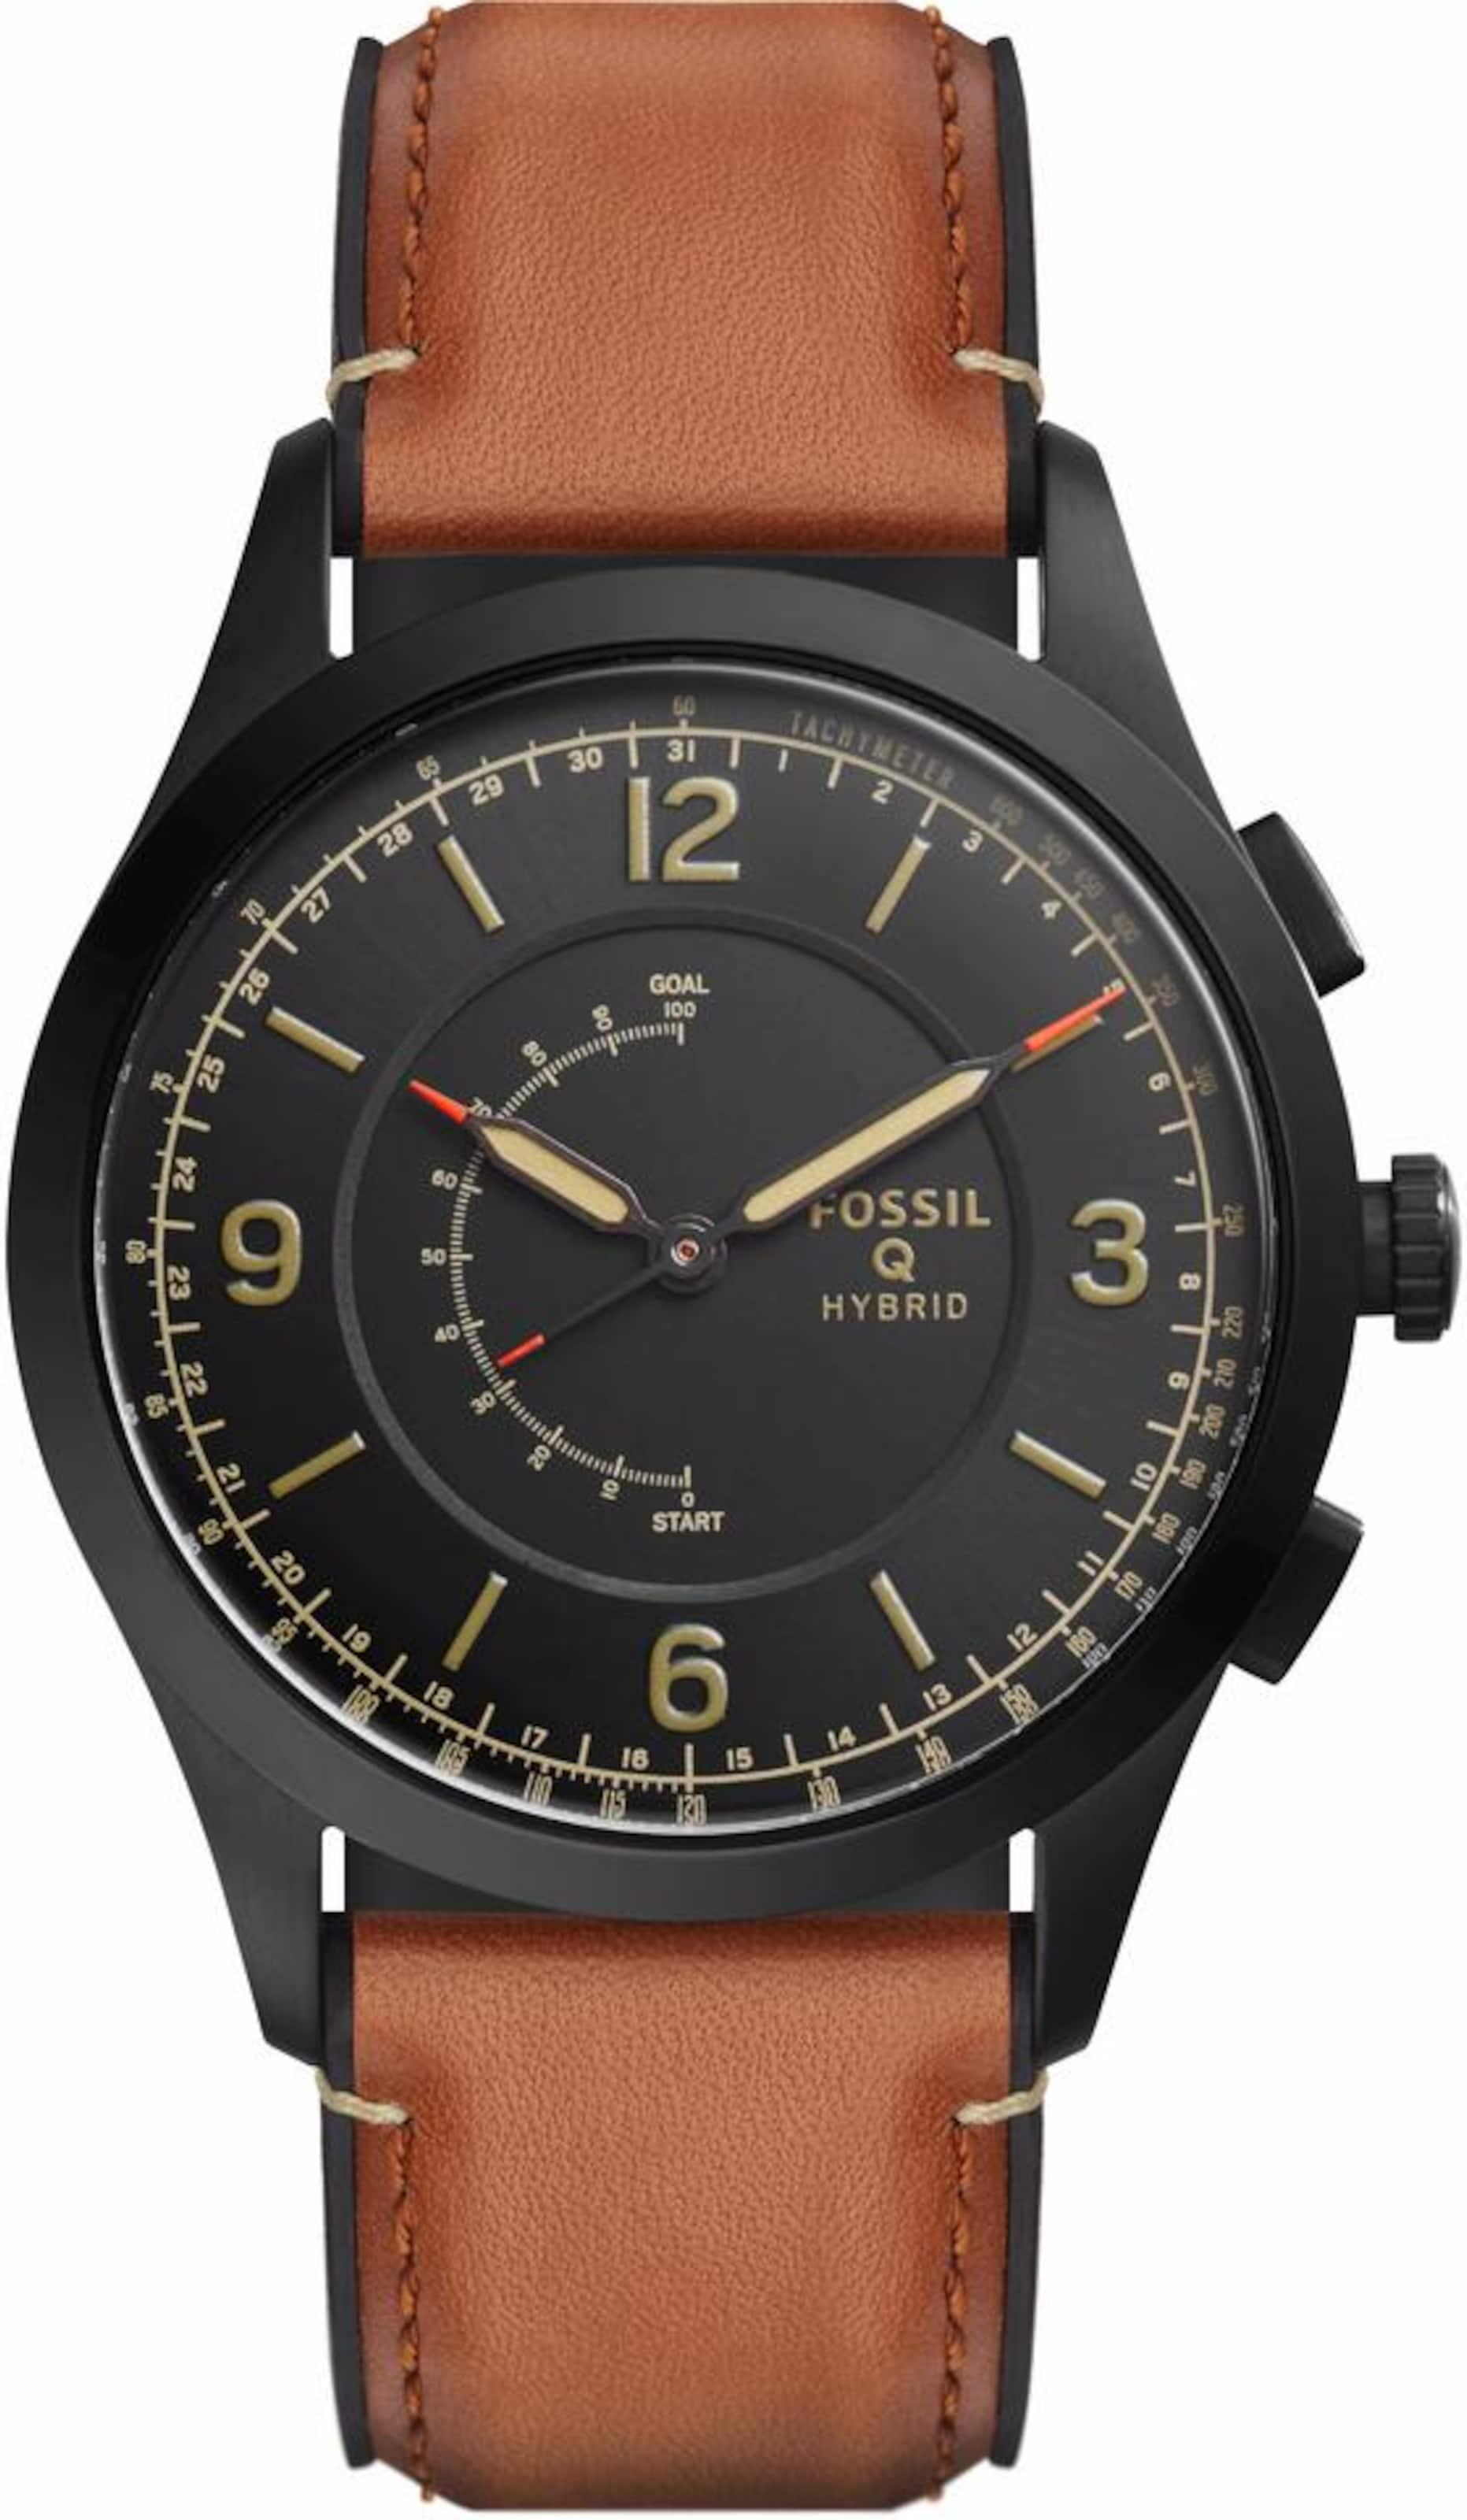 Smartwatch Q ACTIVIST, FTW1206 (Android Wear)